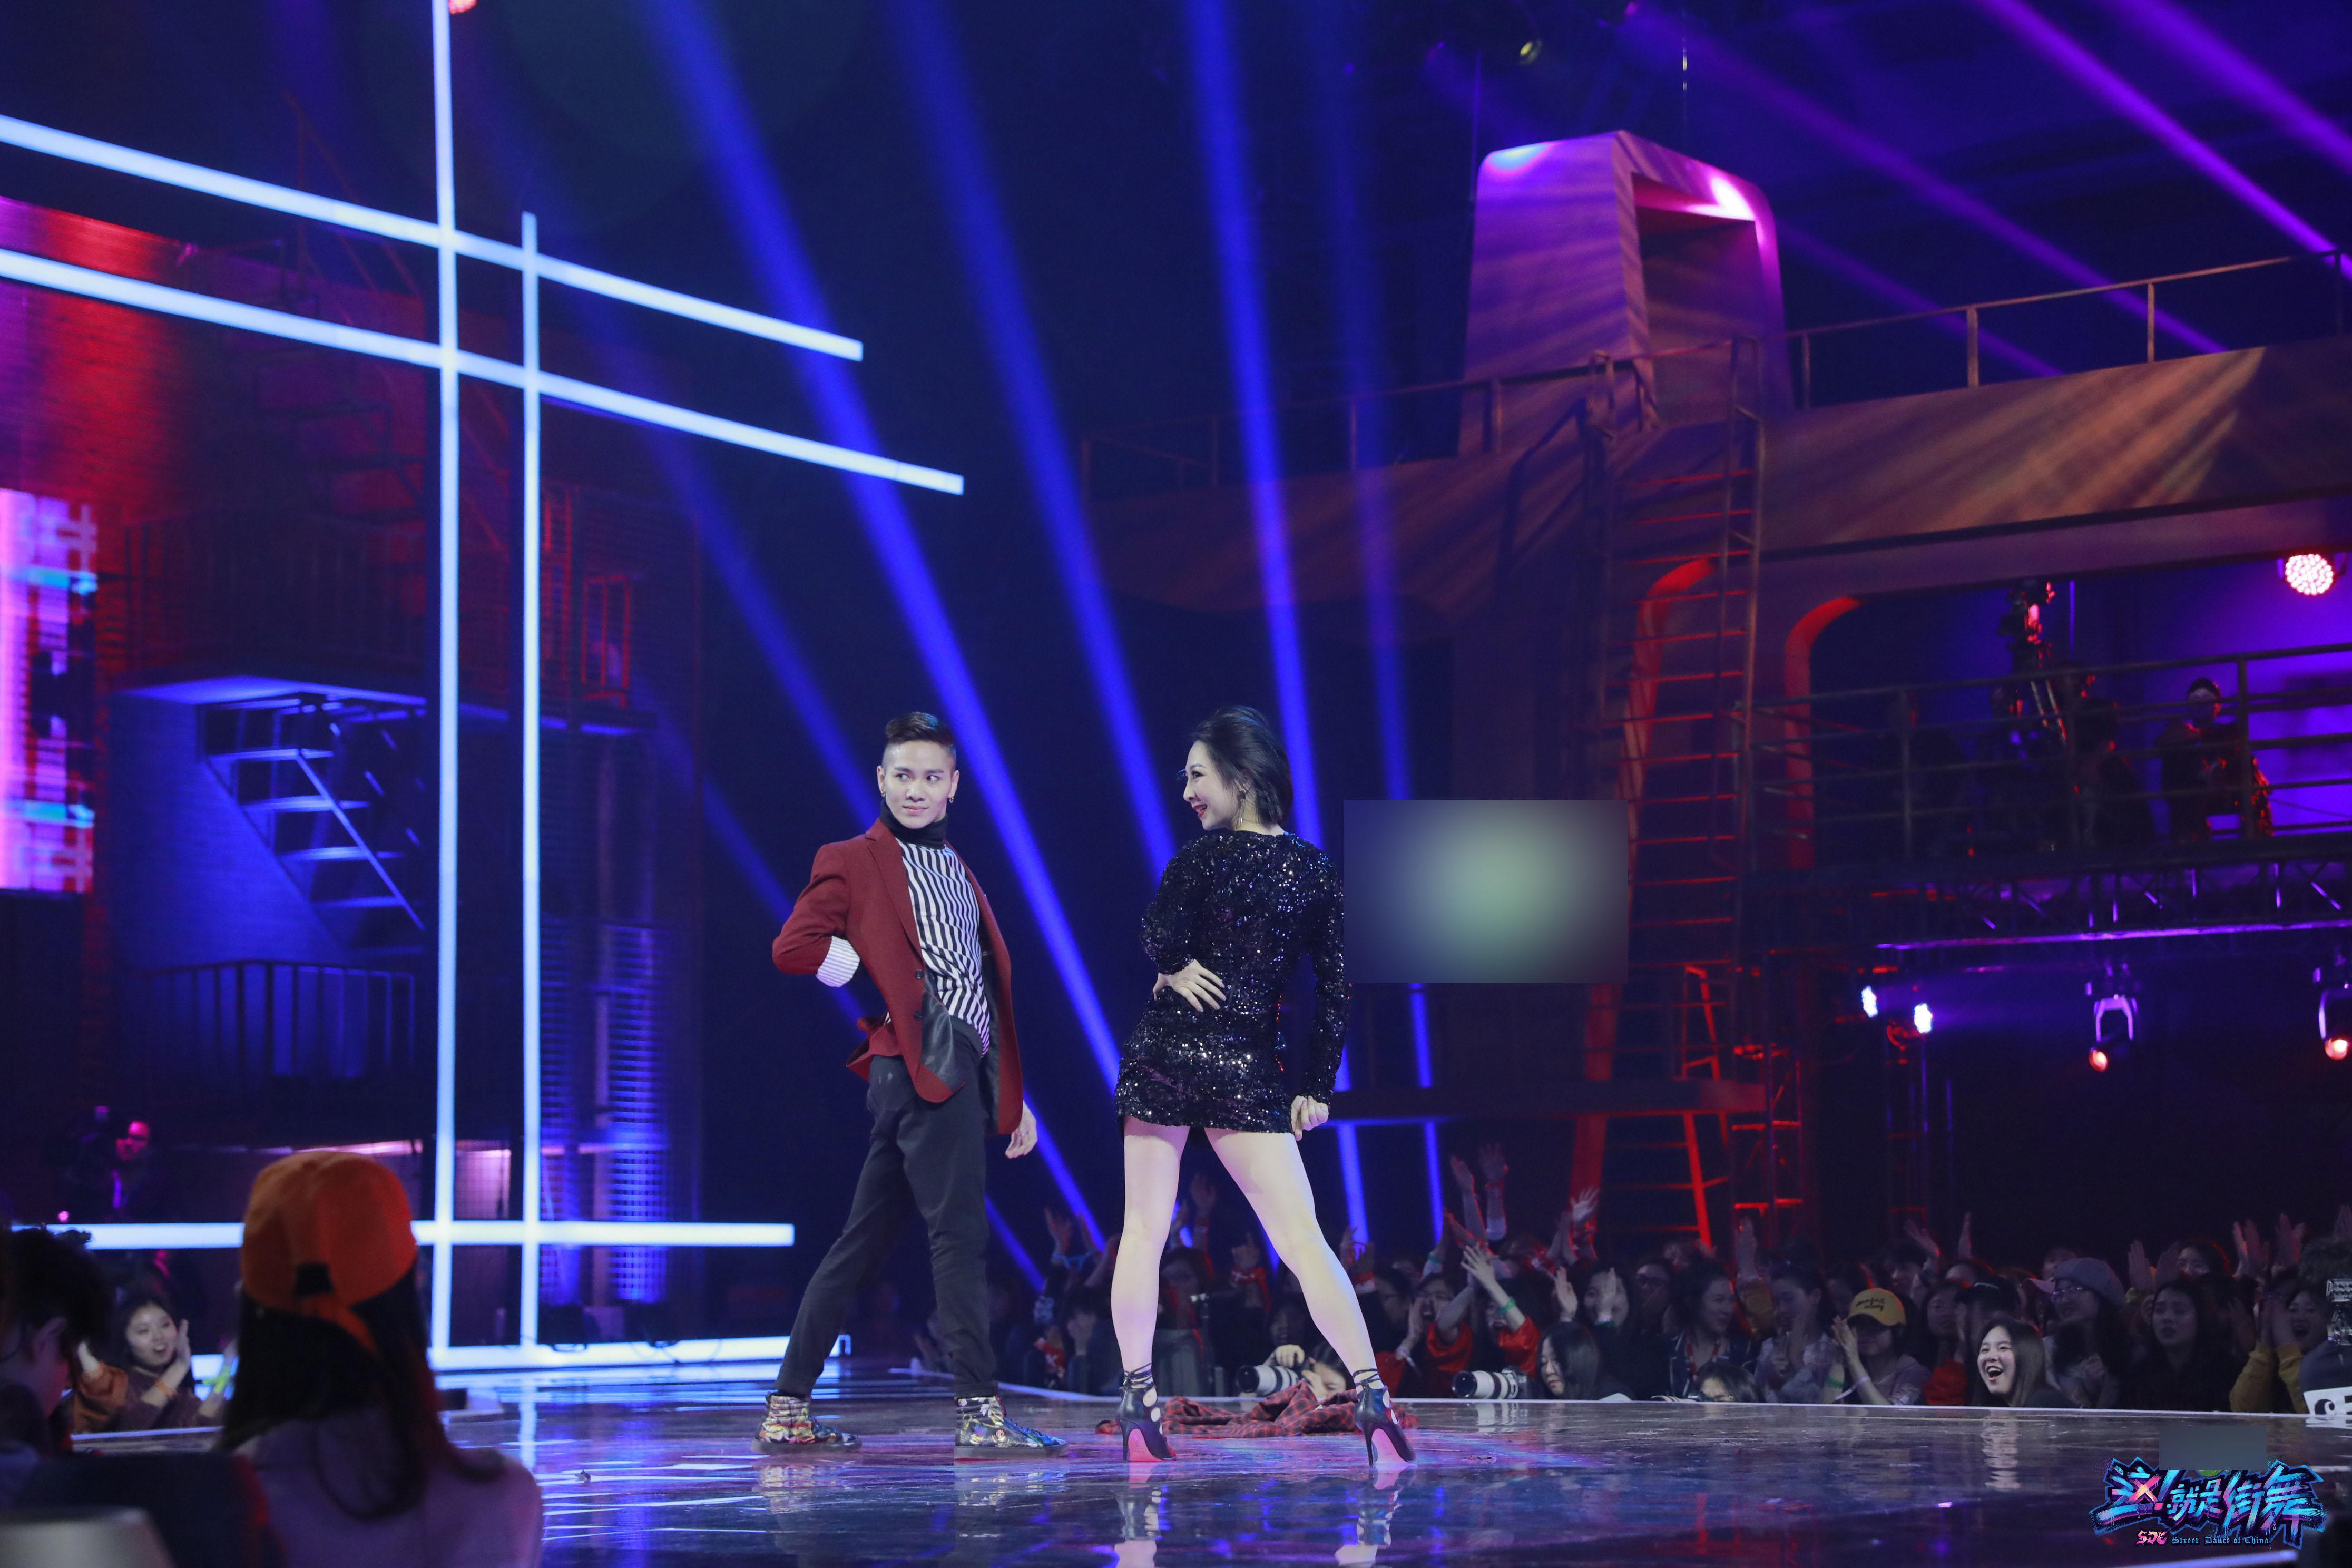 http://www.gyw007.com/yulexiuxian/264907.html